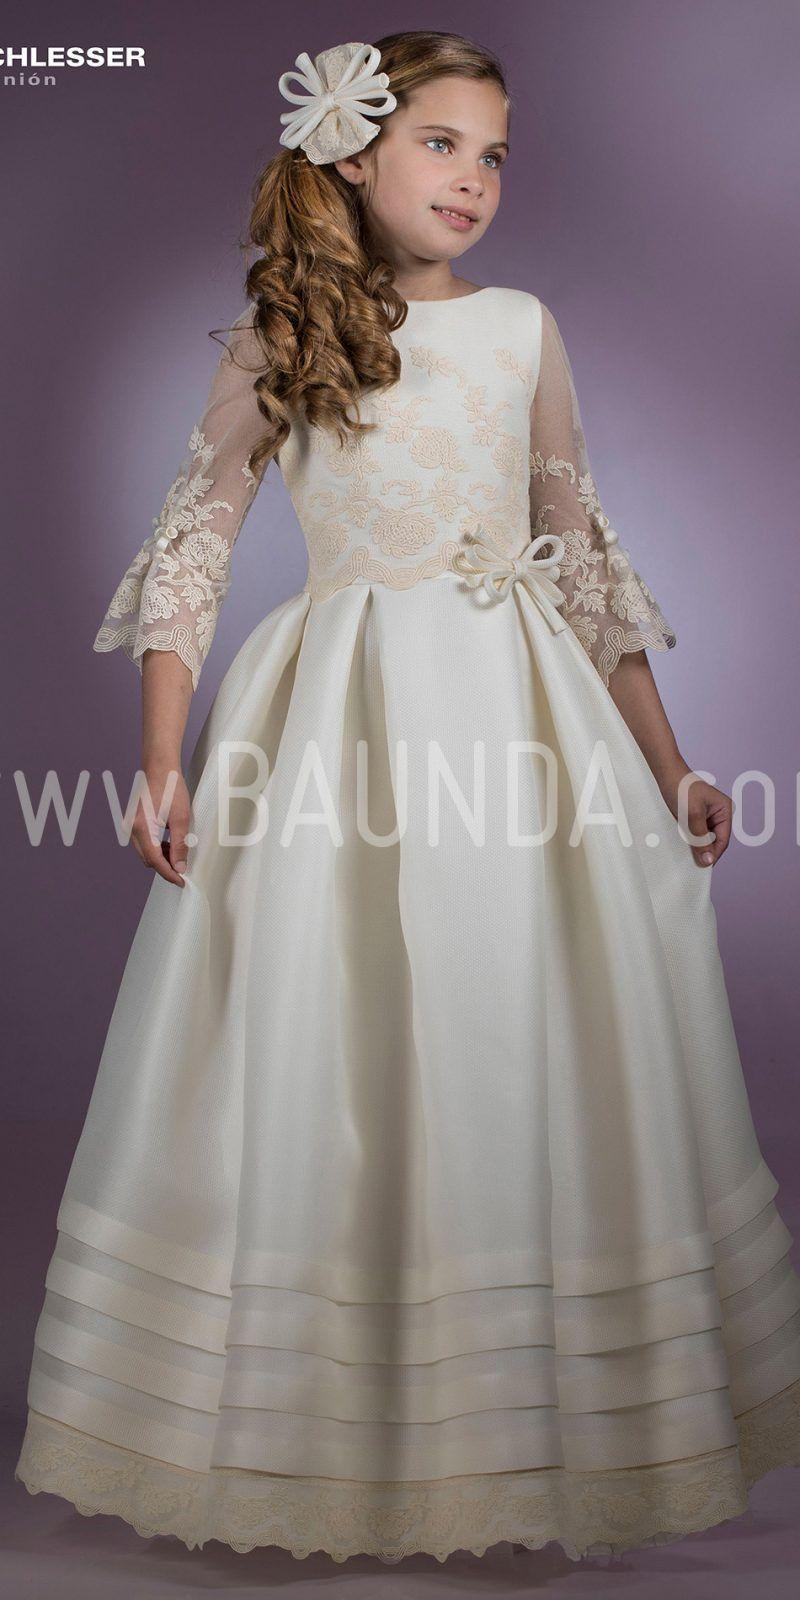 80be221da Vestido de comunion 2018 angel schlesser h401 | moda | Vestidos de ...